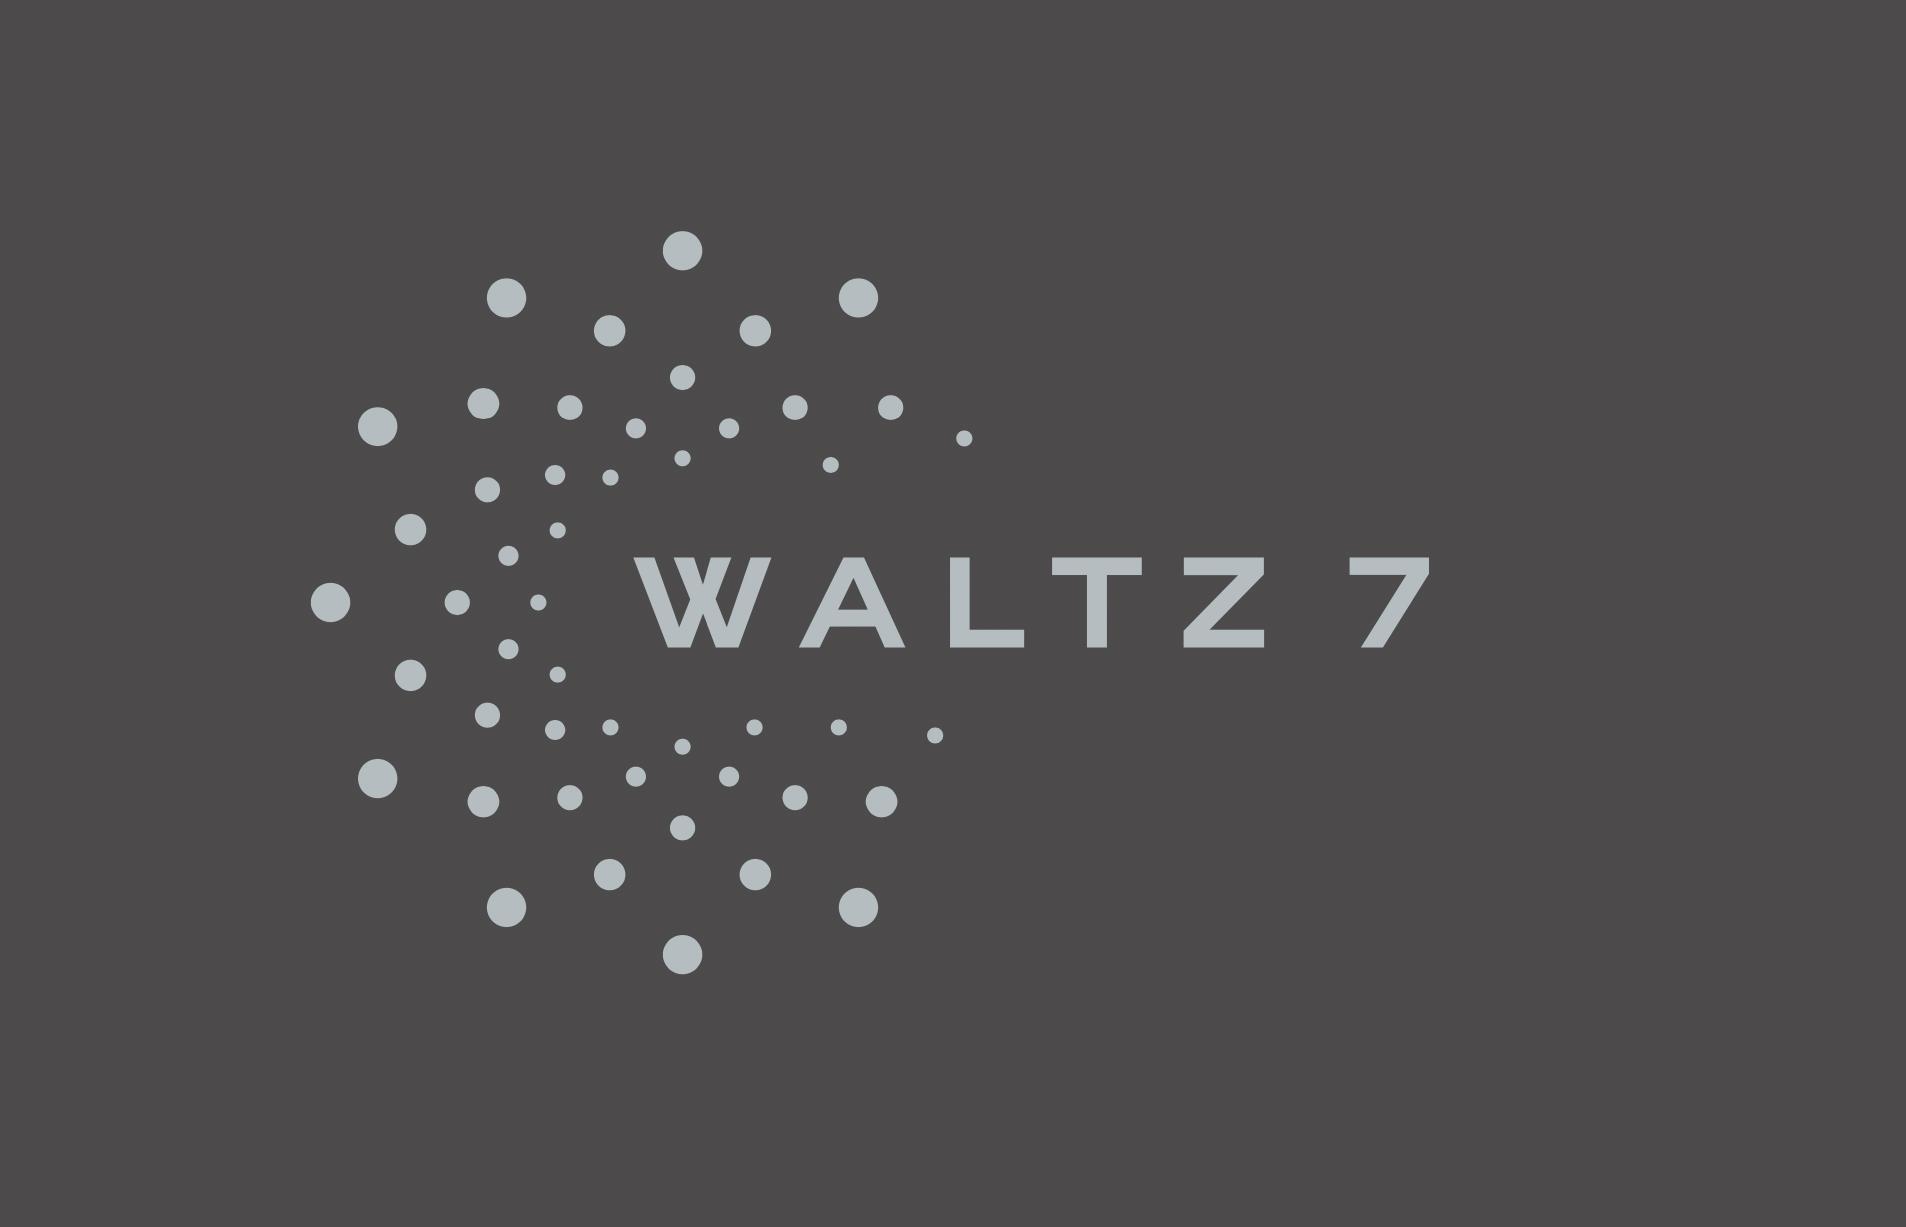 Waltz7